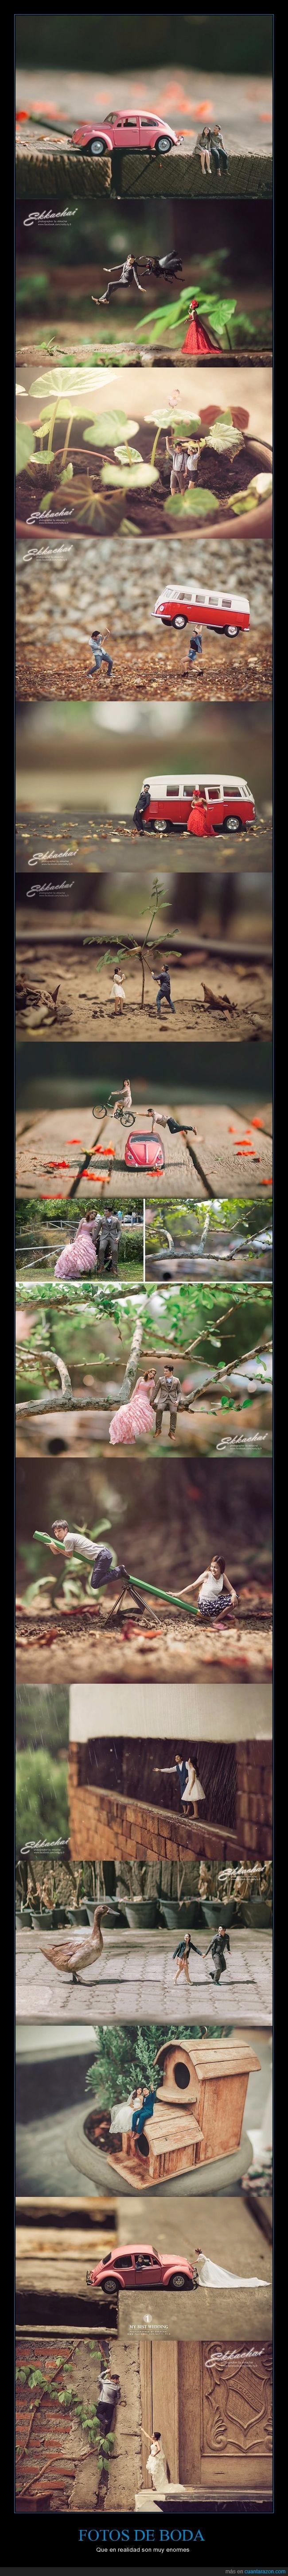 boda,fotografías,matrimonio